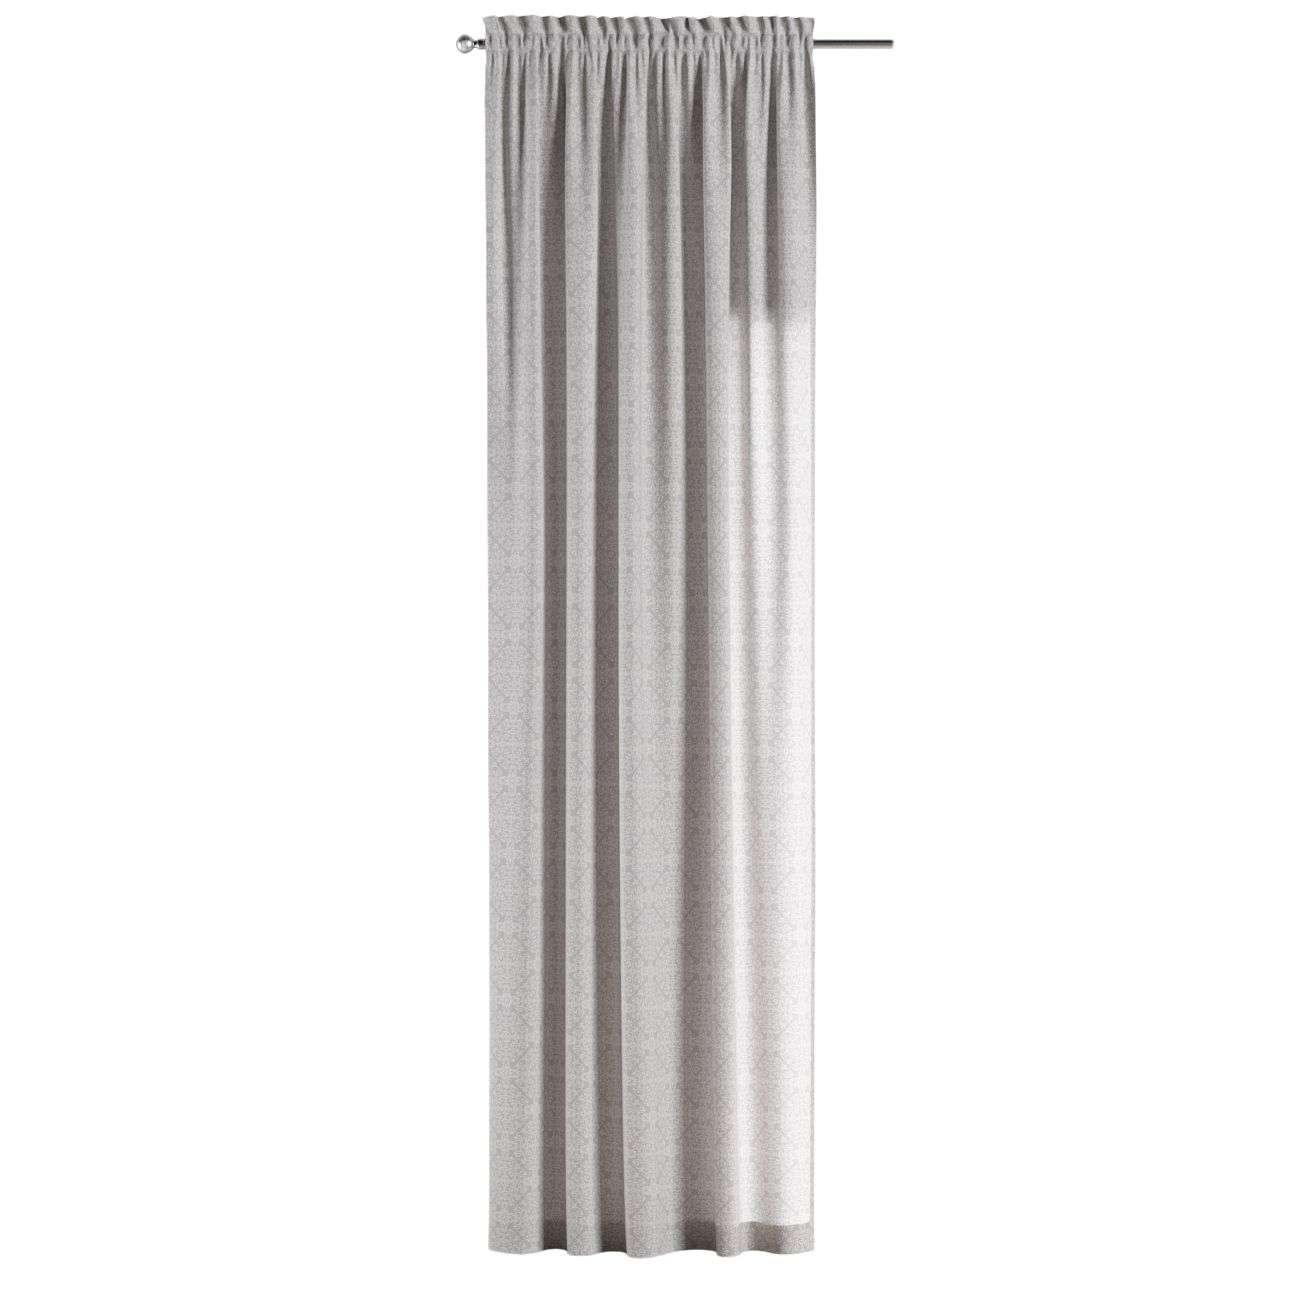 Gardin med kanal - Multiband 1 längd i kollektionen Flowers, Tyg: 140-38